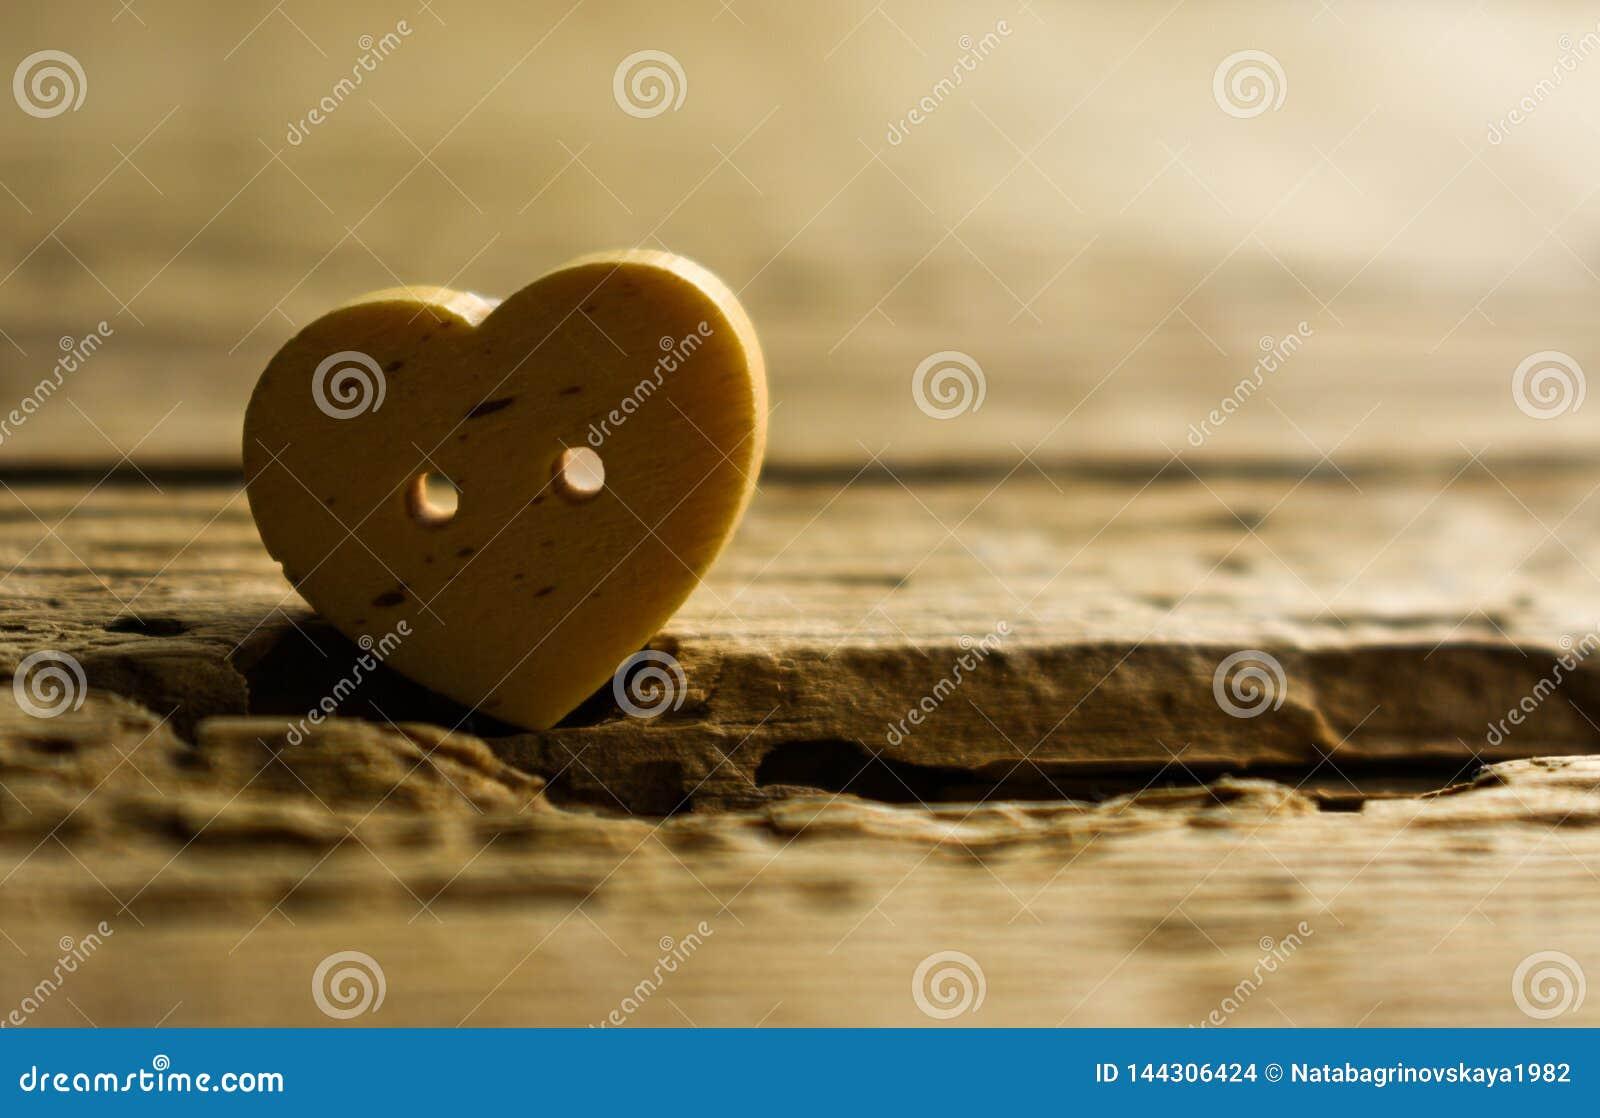 Mlancolie De Peine De Tristesse De Beaut Damour De Coeur